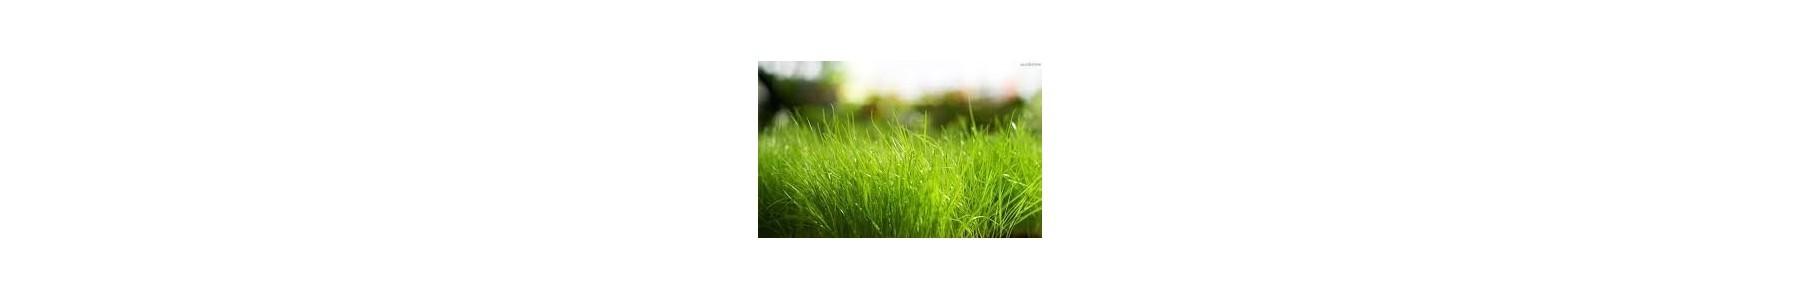 Odporne na susze nasiona traw - Trawa Barenbrug